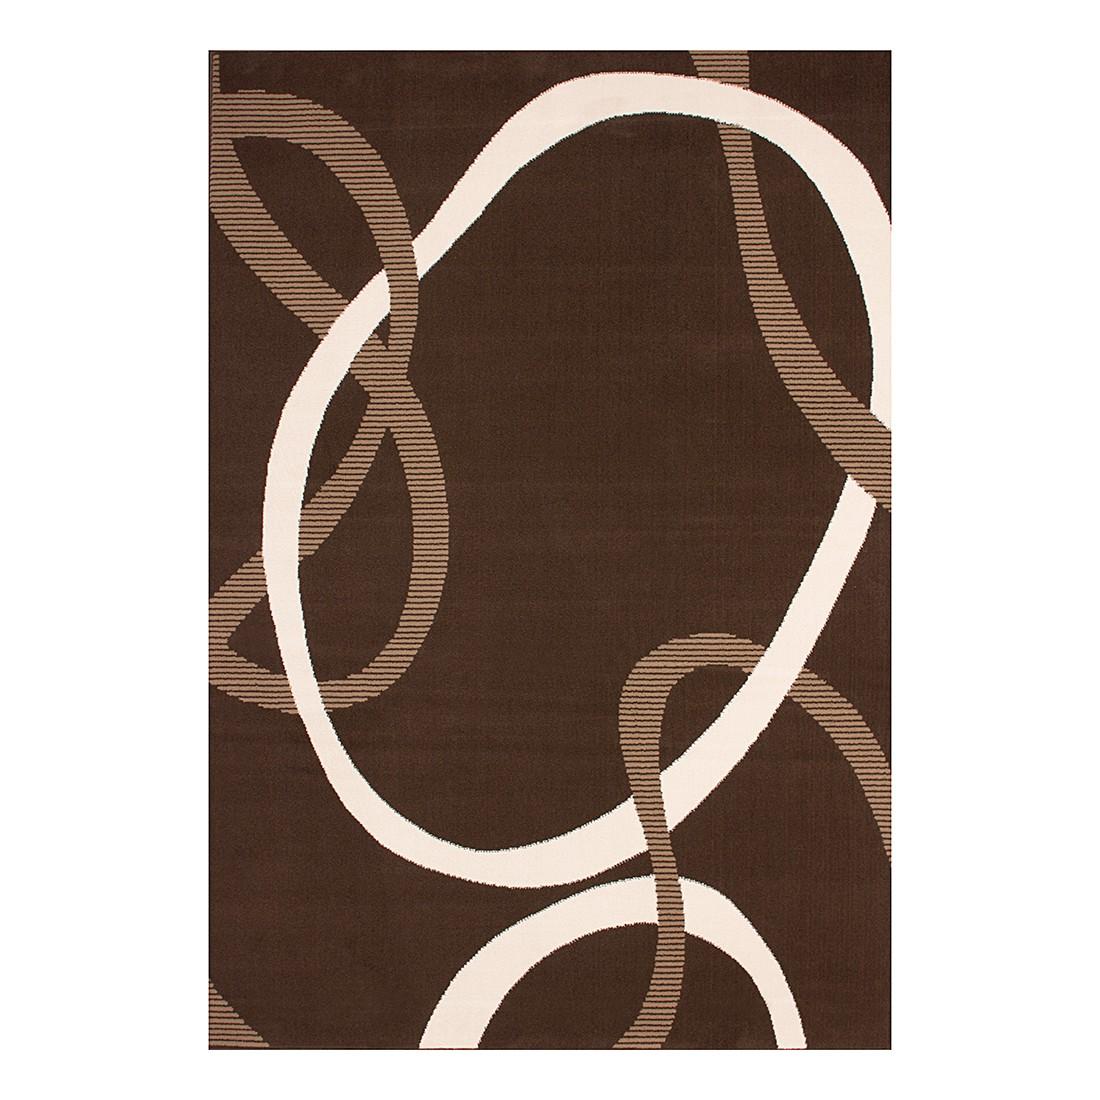 Teppich Space – Braun – 80 x 150 cm, Kayoom bestellen